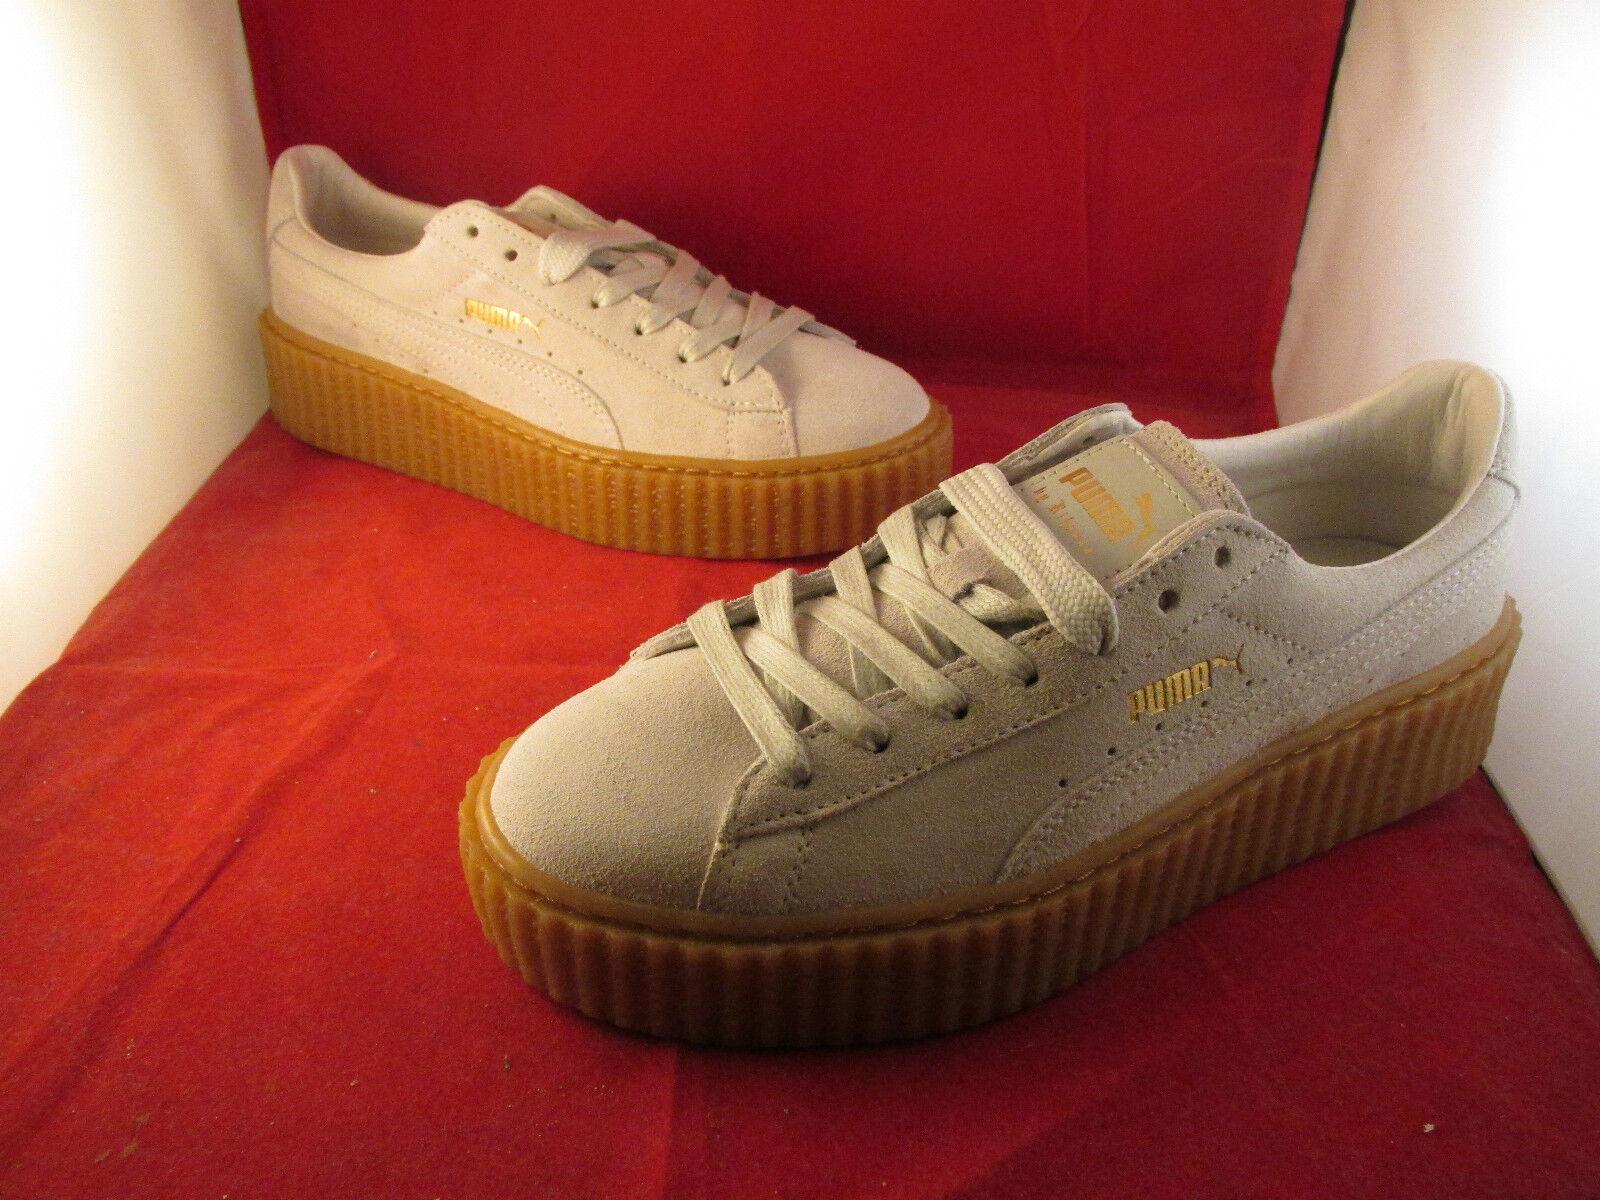 Los zapatos más populares para hombres y mujeres Puma Creepers X Shoestring Rihanna Avena 3 4 5 6 trigo 361005-03 sportslocker